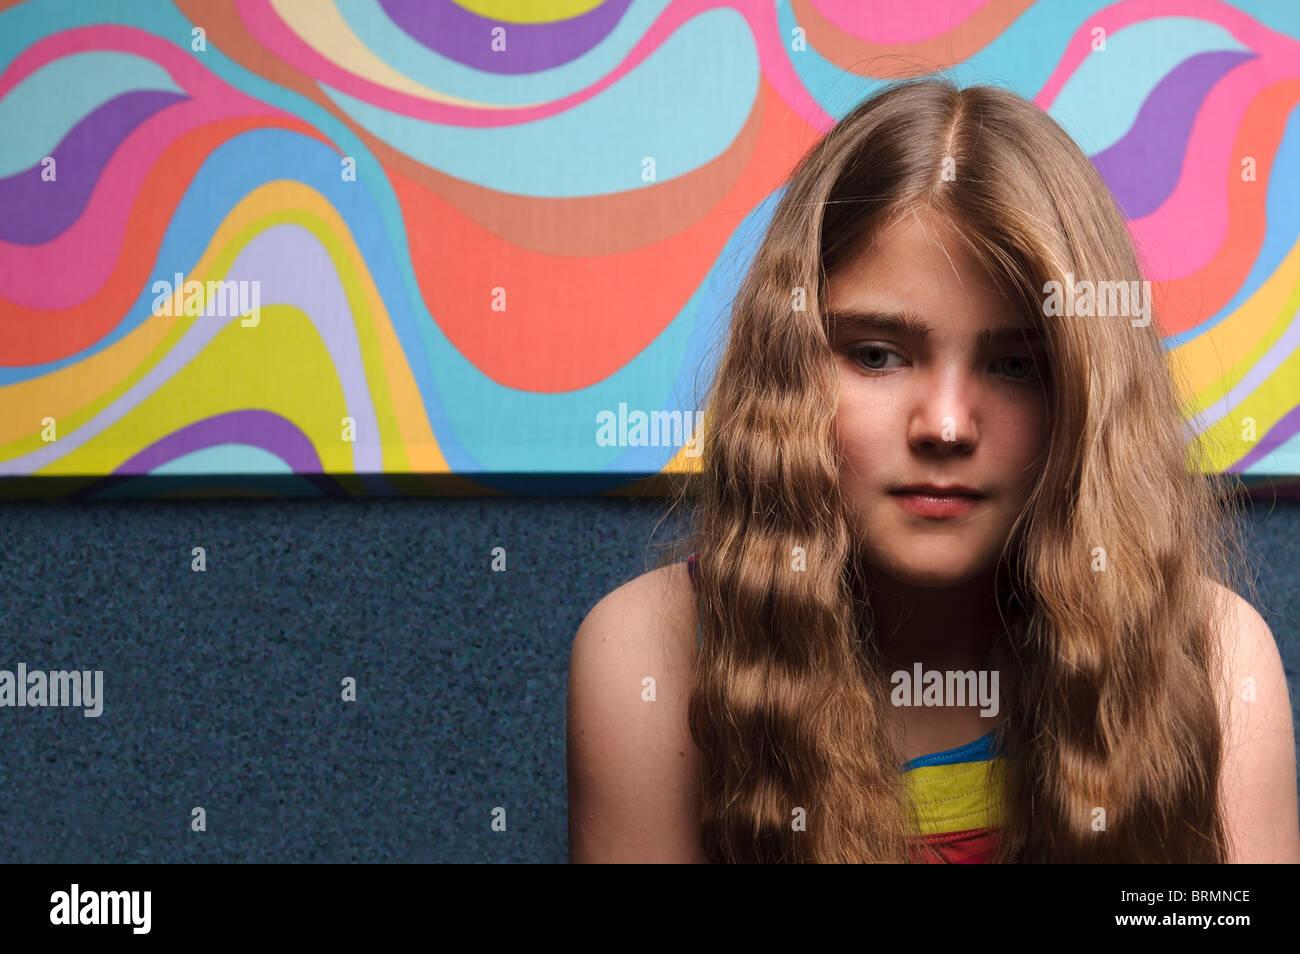 Jeune fille avec la peinture abstraite Photo Stock